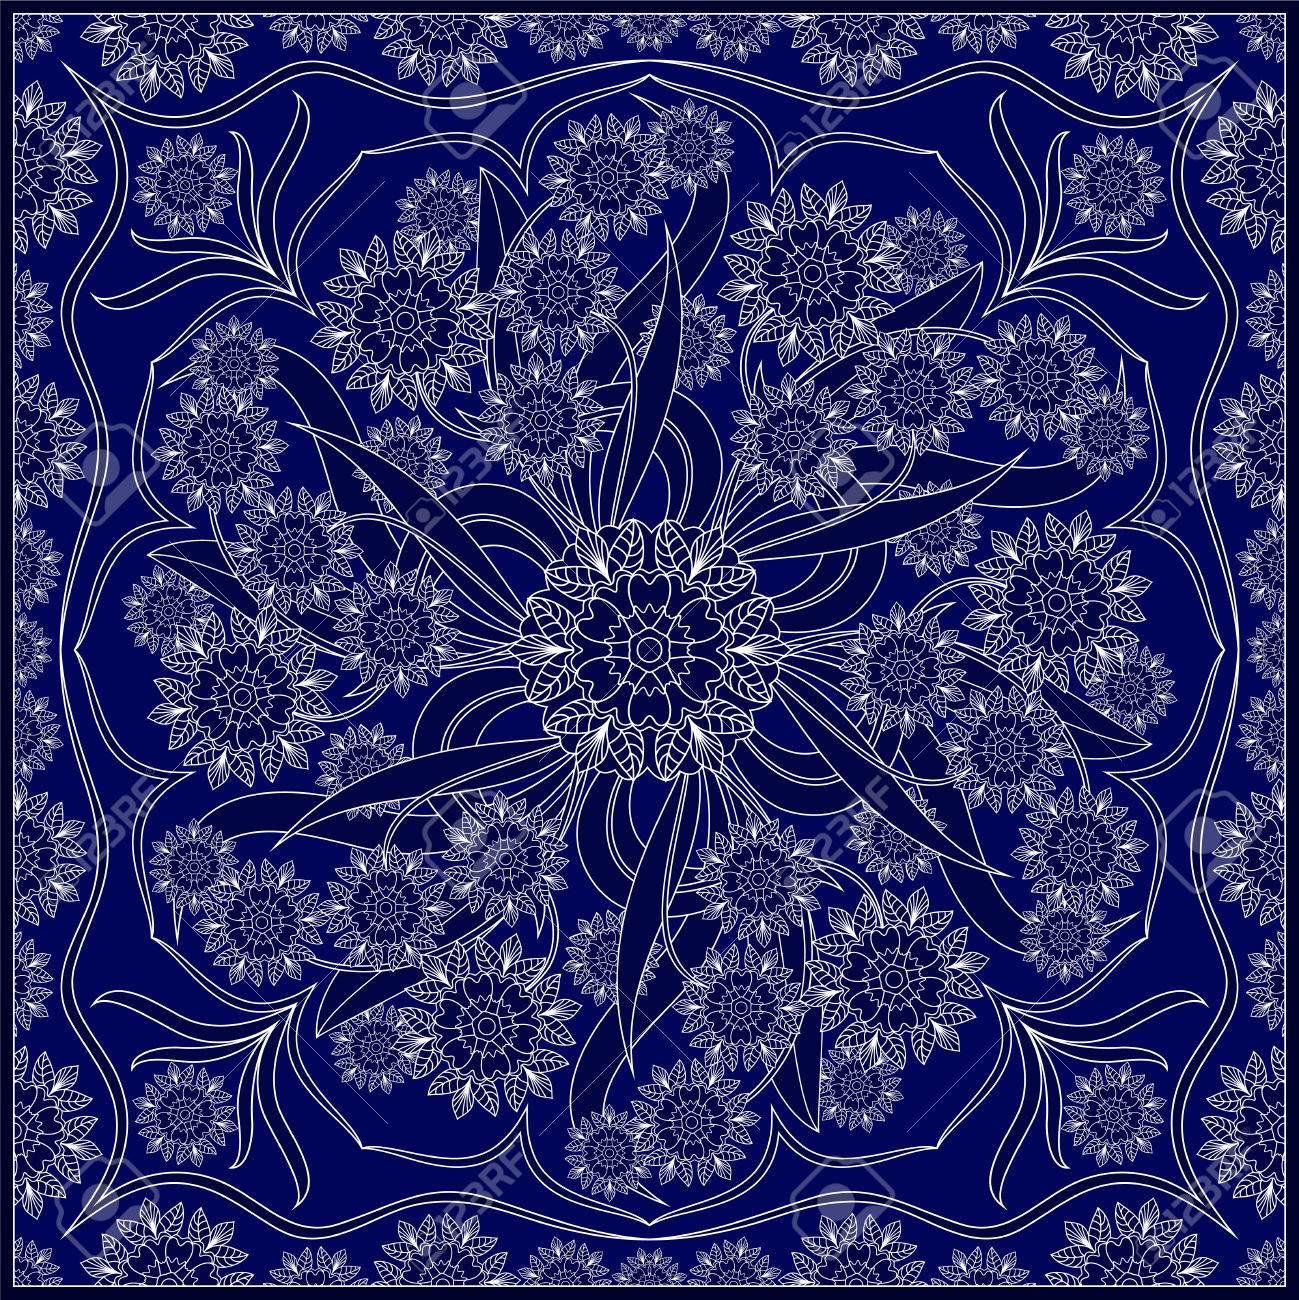 verzierung fr schal mit weiem muster auf blauem hintergrund sie knnen fr teppich schal - Schal Muster